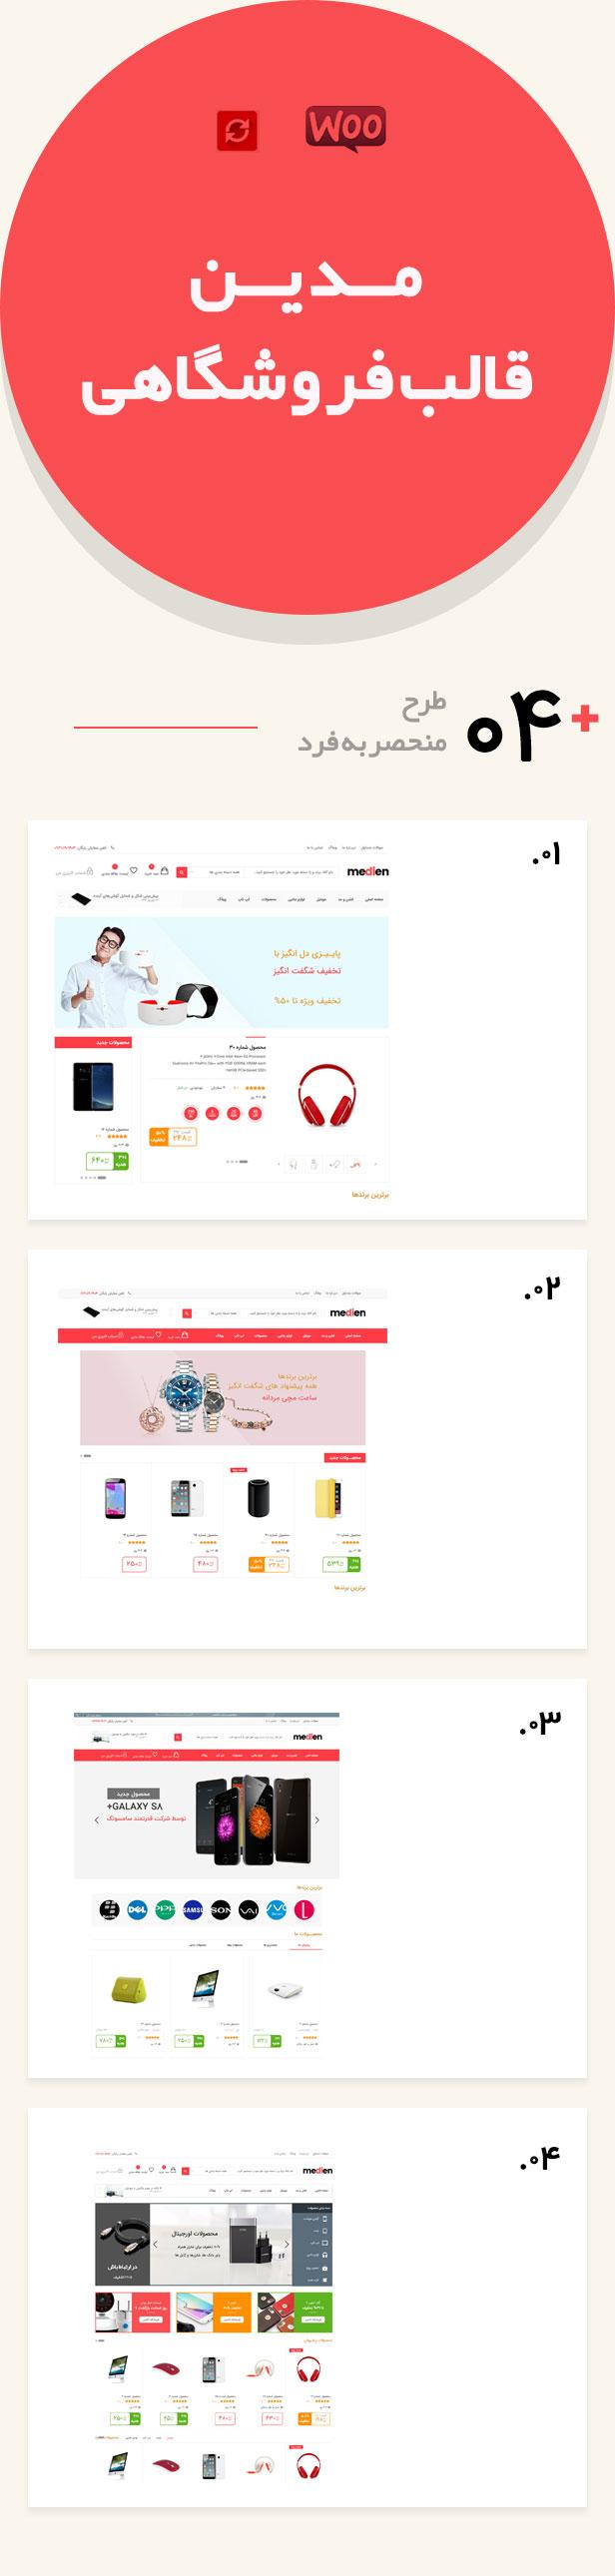 قالب medien پوسته وردپرس سایت فروشگاه آنلاین | قالب فروشگاهی مدین سازگار با افزونه دکان